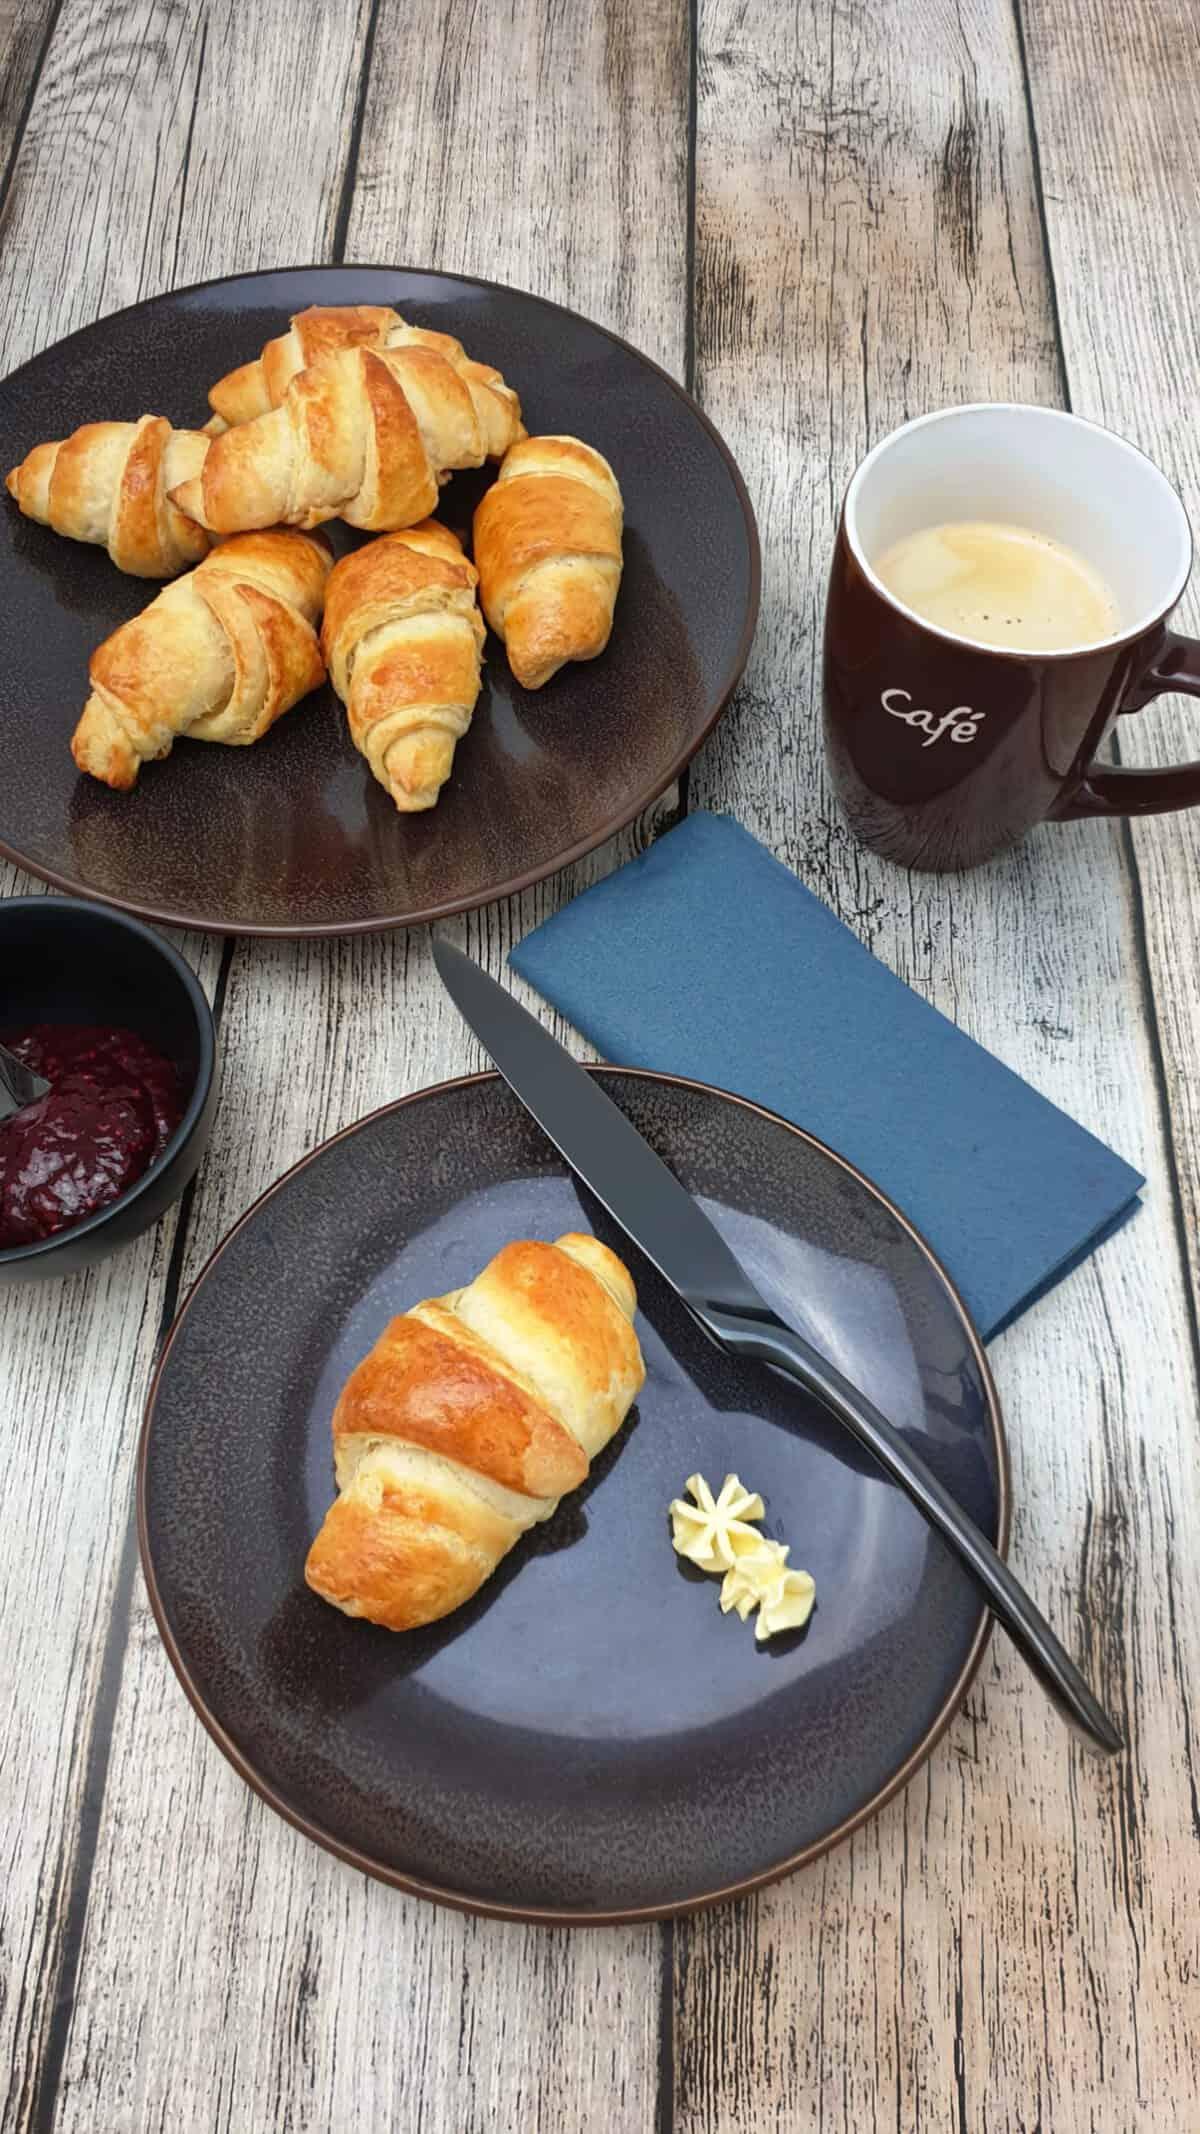 Auf einem braunen Teller ein selbst gemachtes Croissant. Im Hintergrund ein zweiter Teller mit fünf Croissants und Deko.